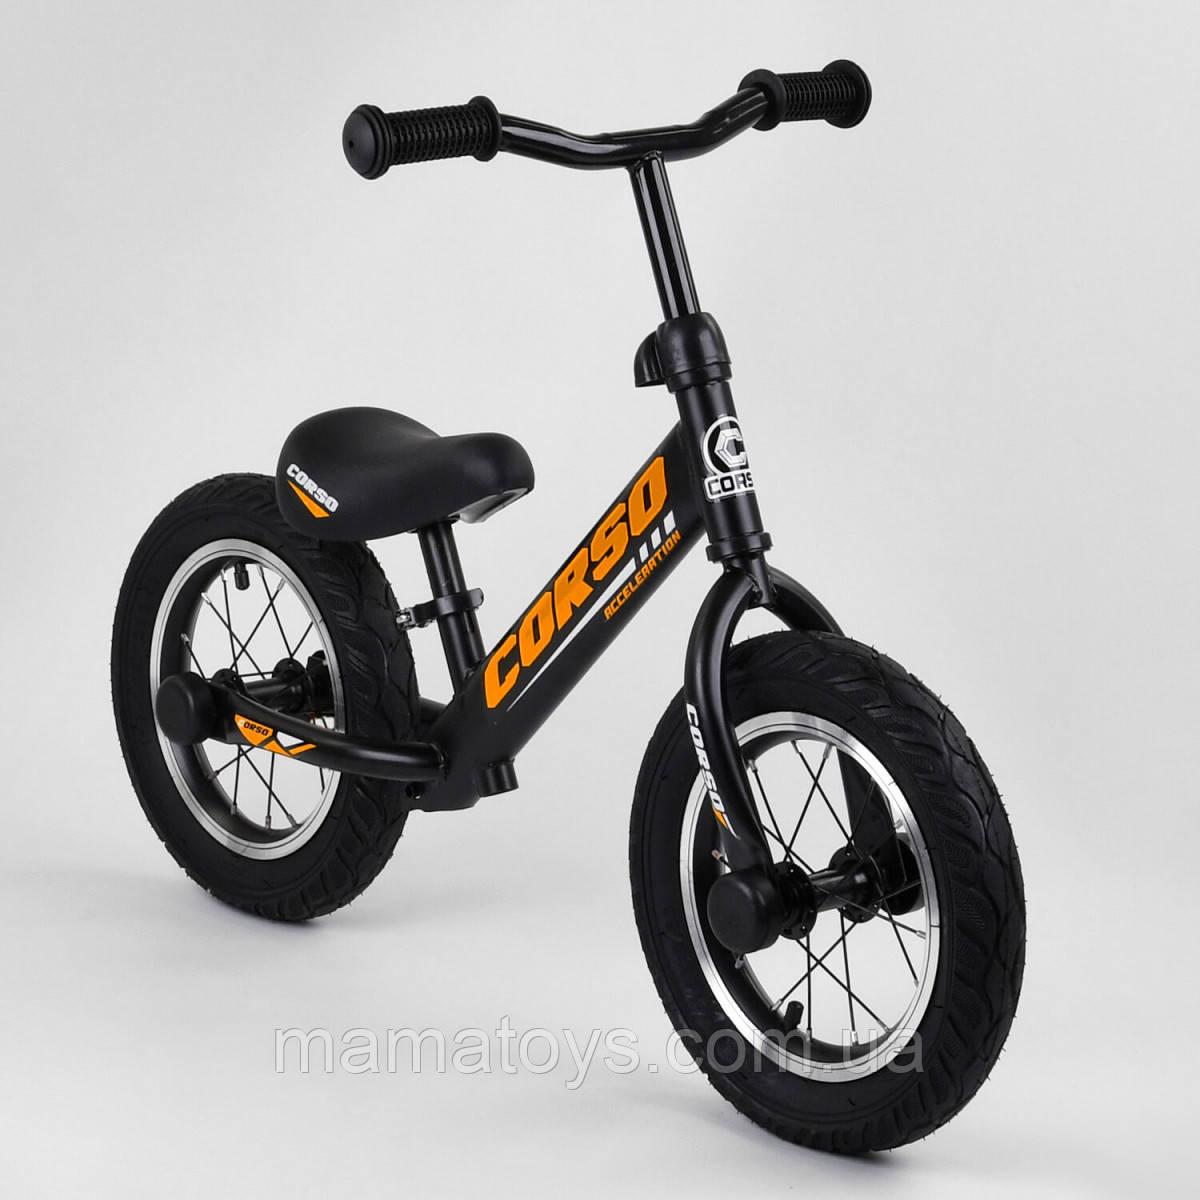 Велобег 69280 CORSO Acceleration Черный Беговел стальная рама, Алюминиевый диск, колеса 12 дюймов Надувные